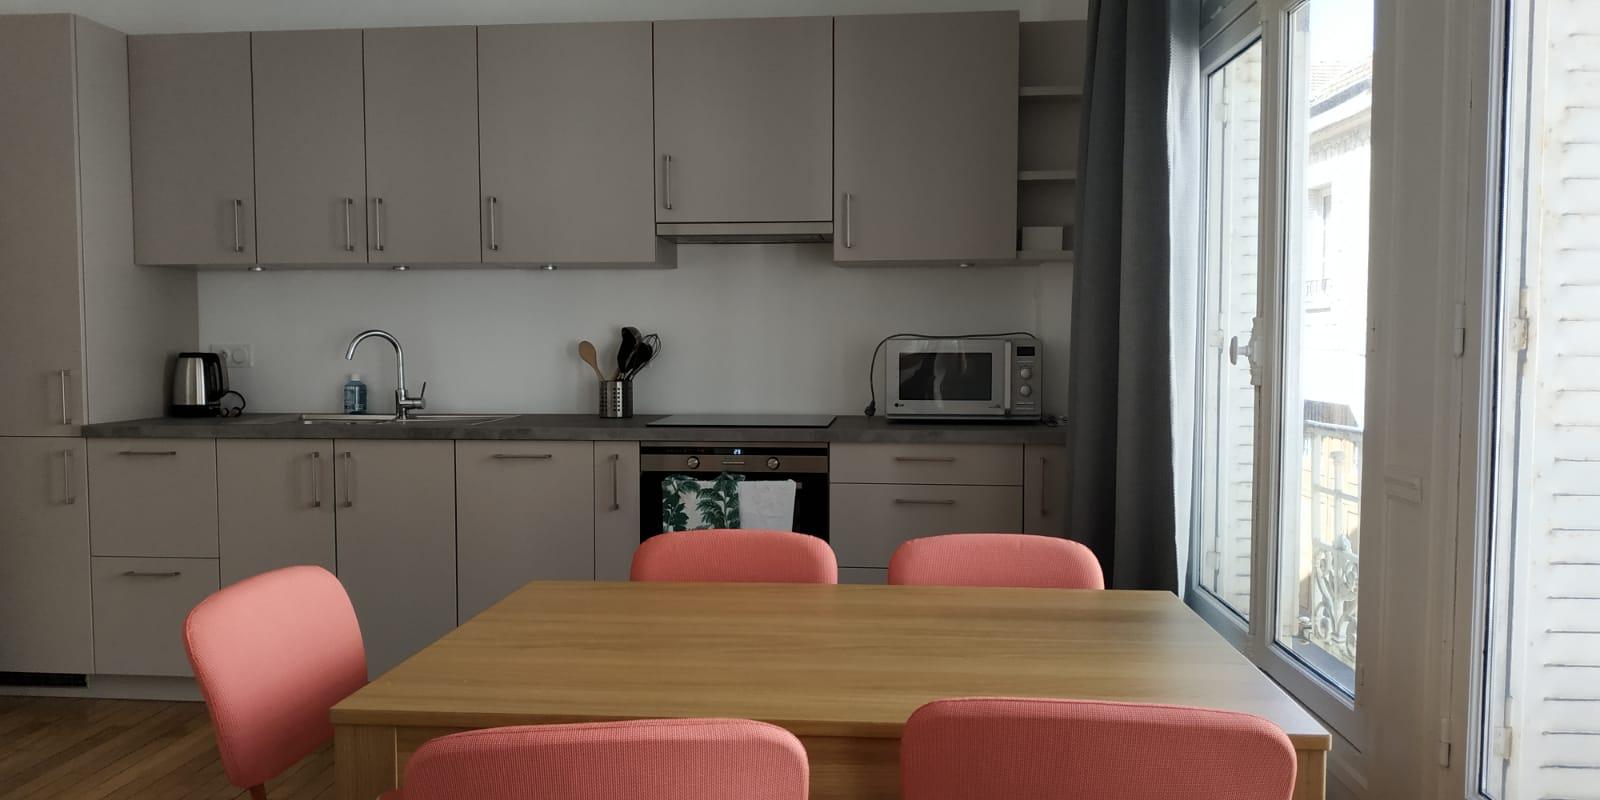 Travaux de rénovation d'un appartement à Reims